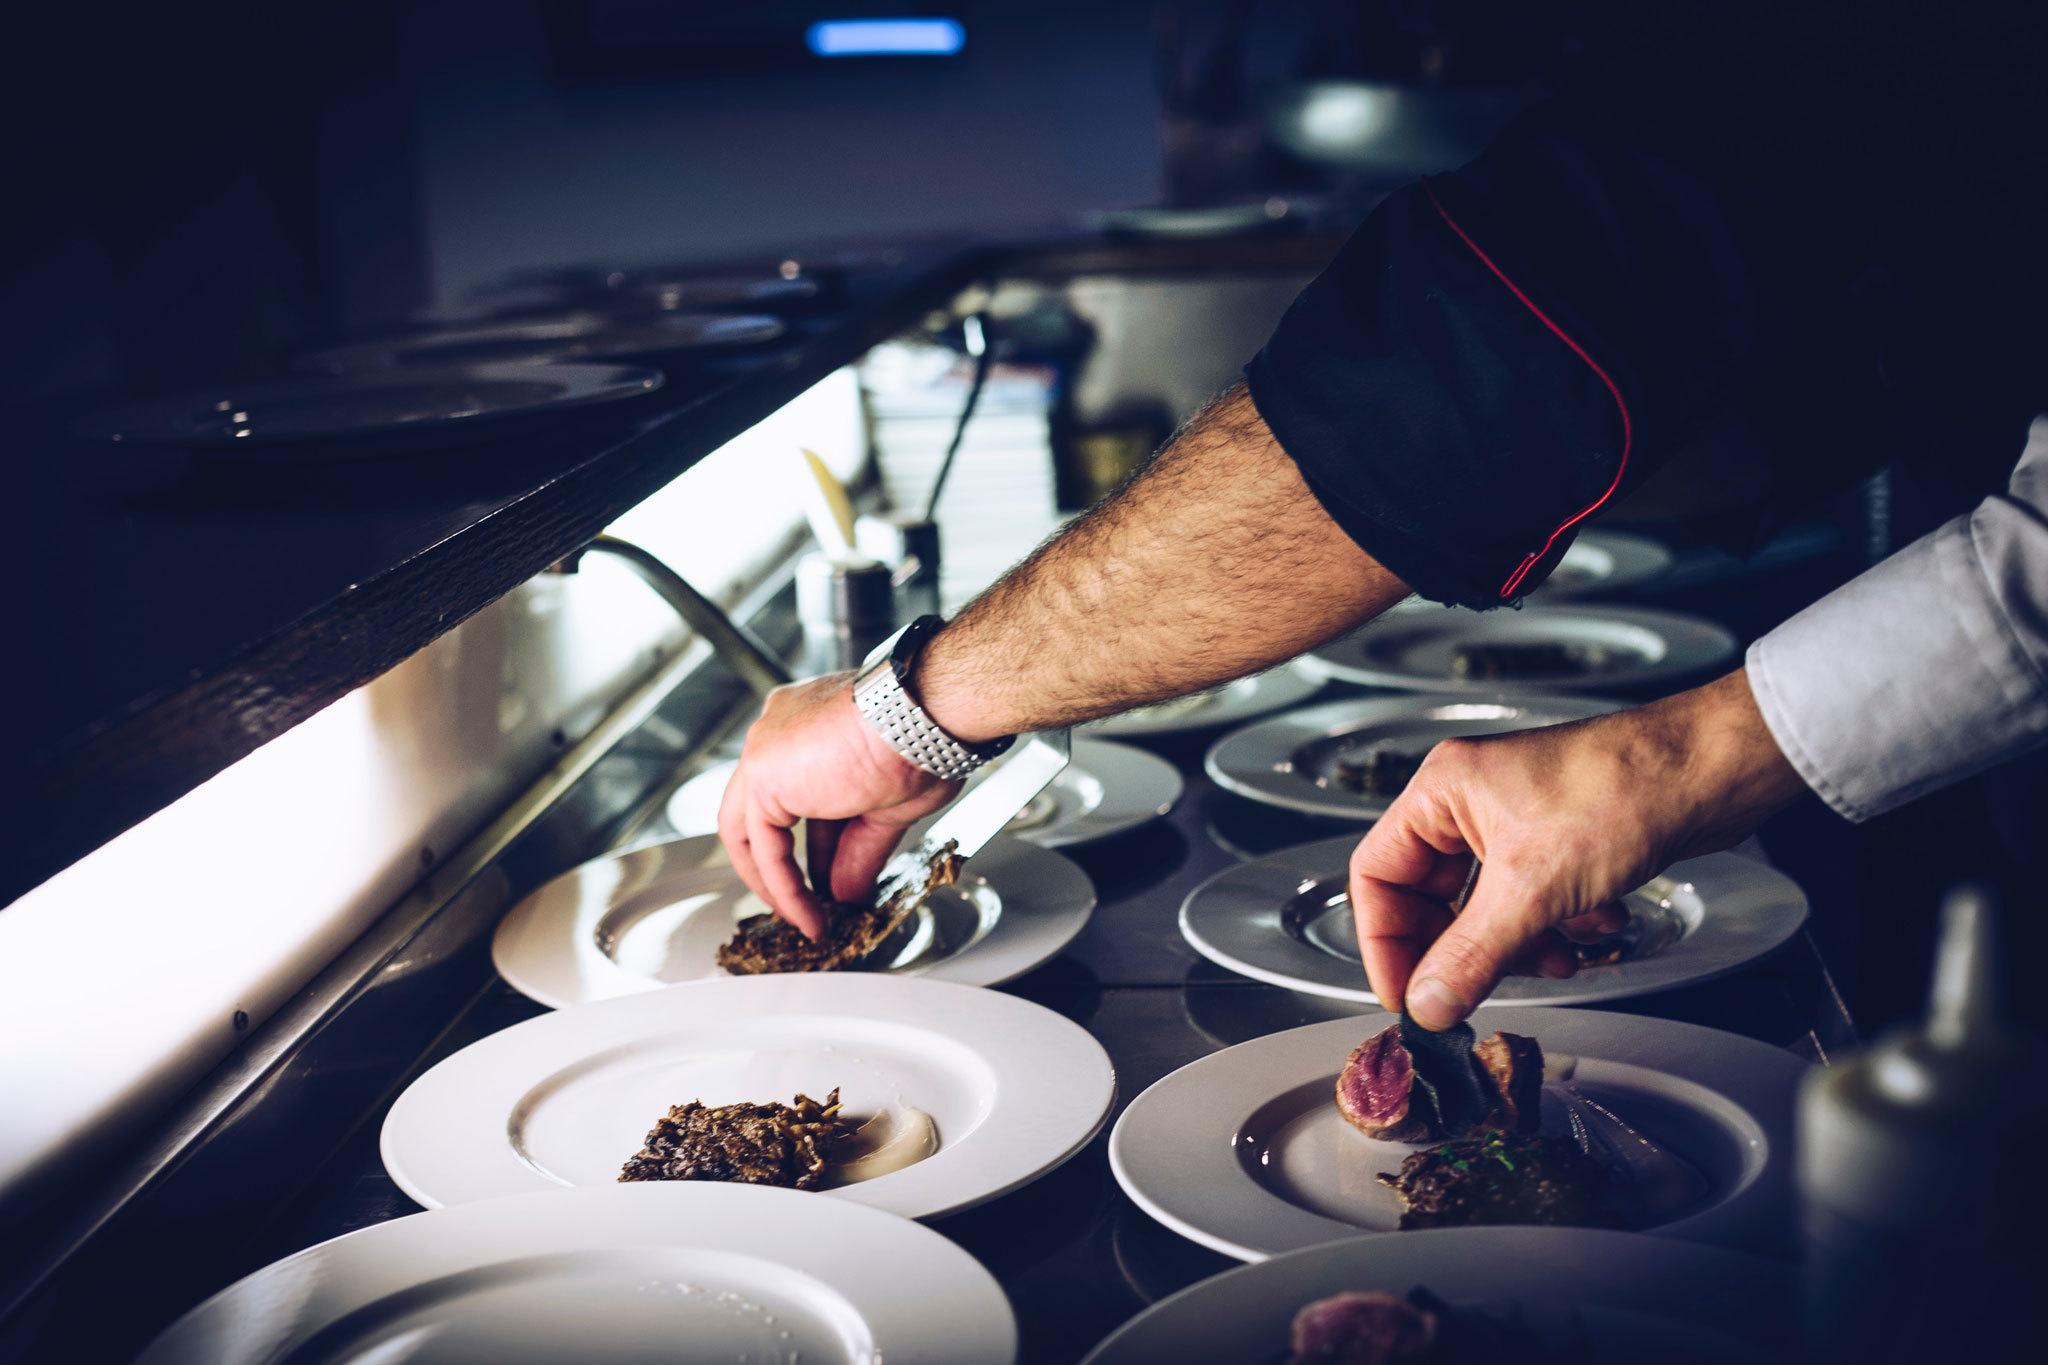 Chef hands stock